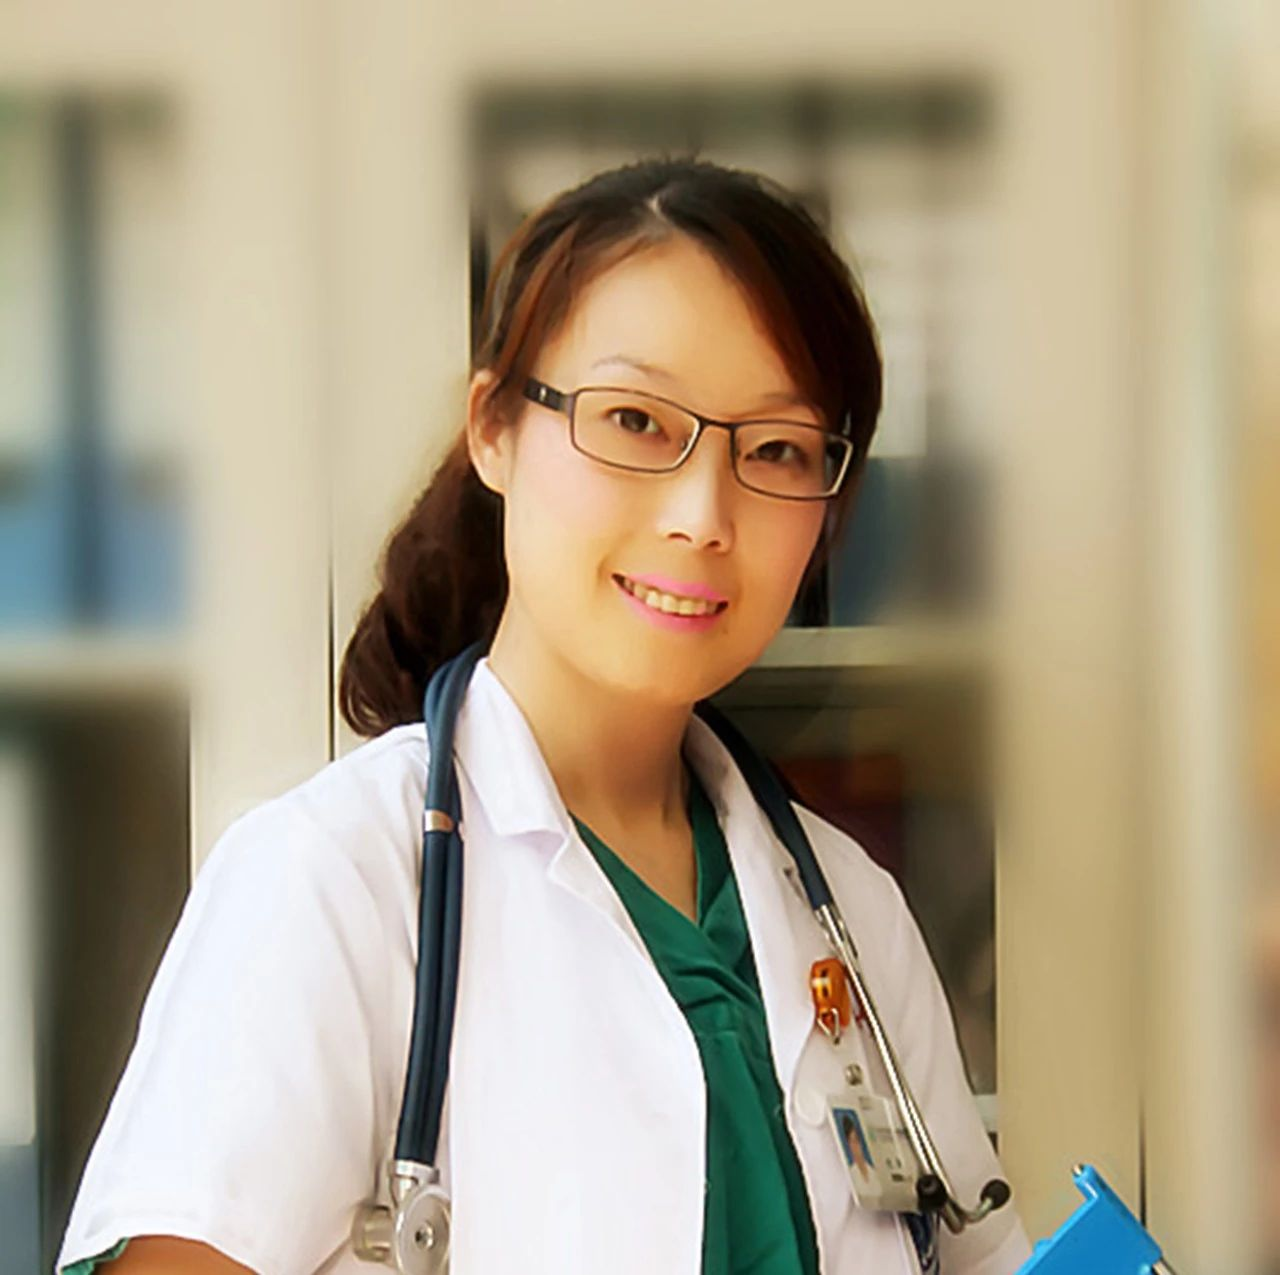 【大美医者候选人】杜宇:用慧眼仁心祛除病魔的急危重症人